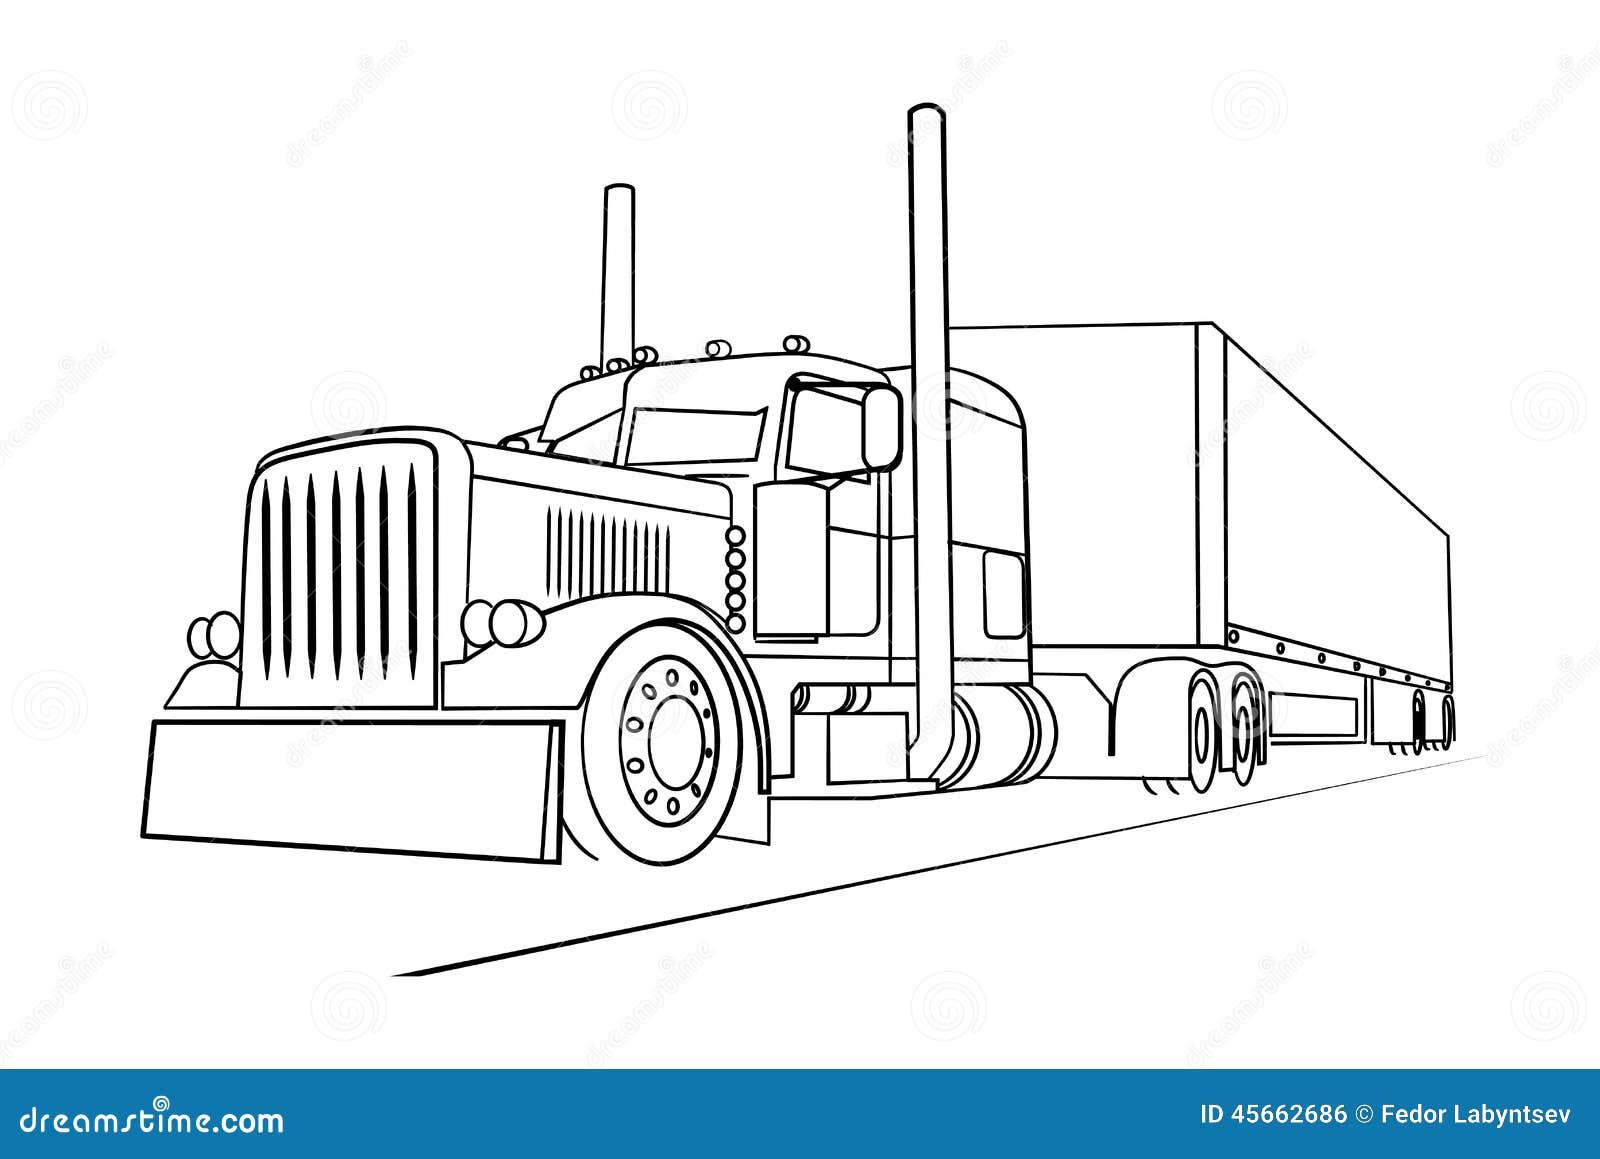 tekening de vrachtwagen die een lading vervoert vector